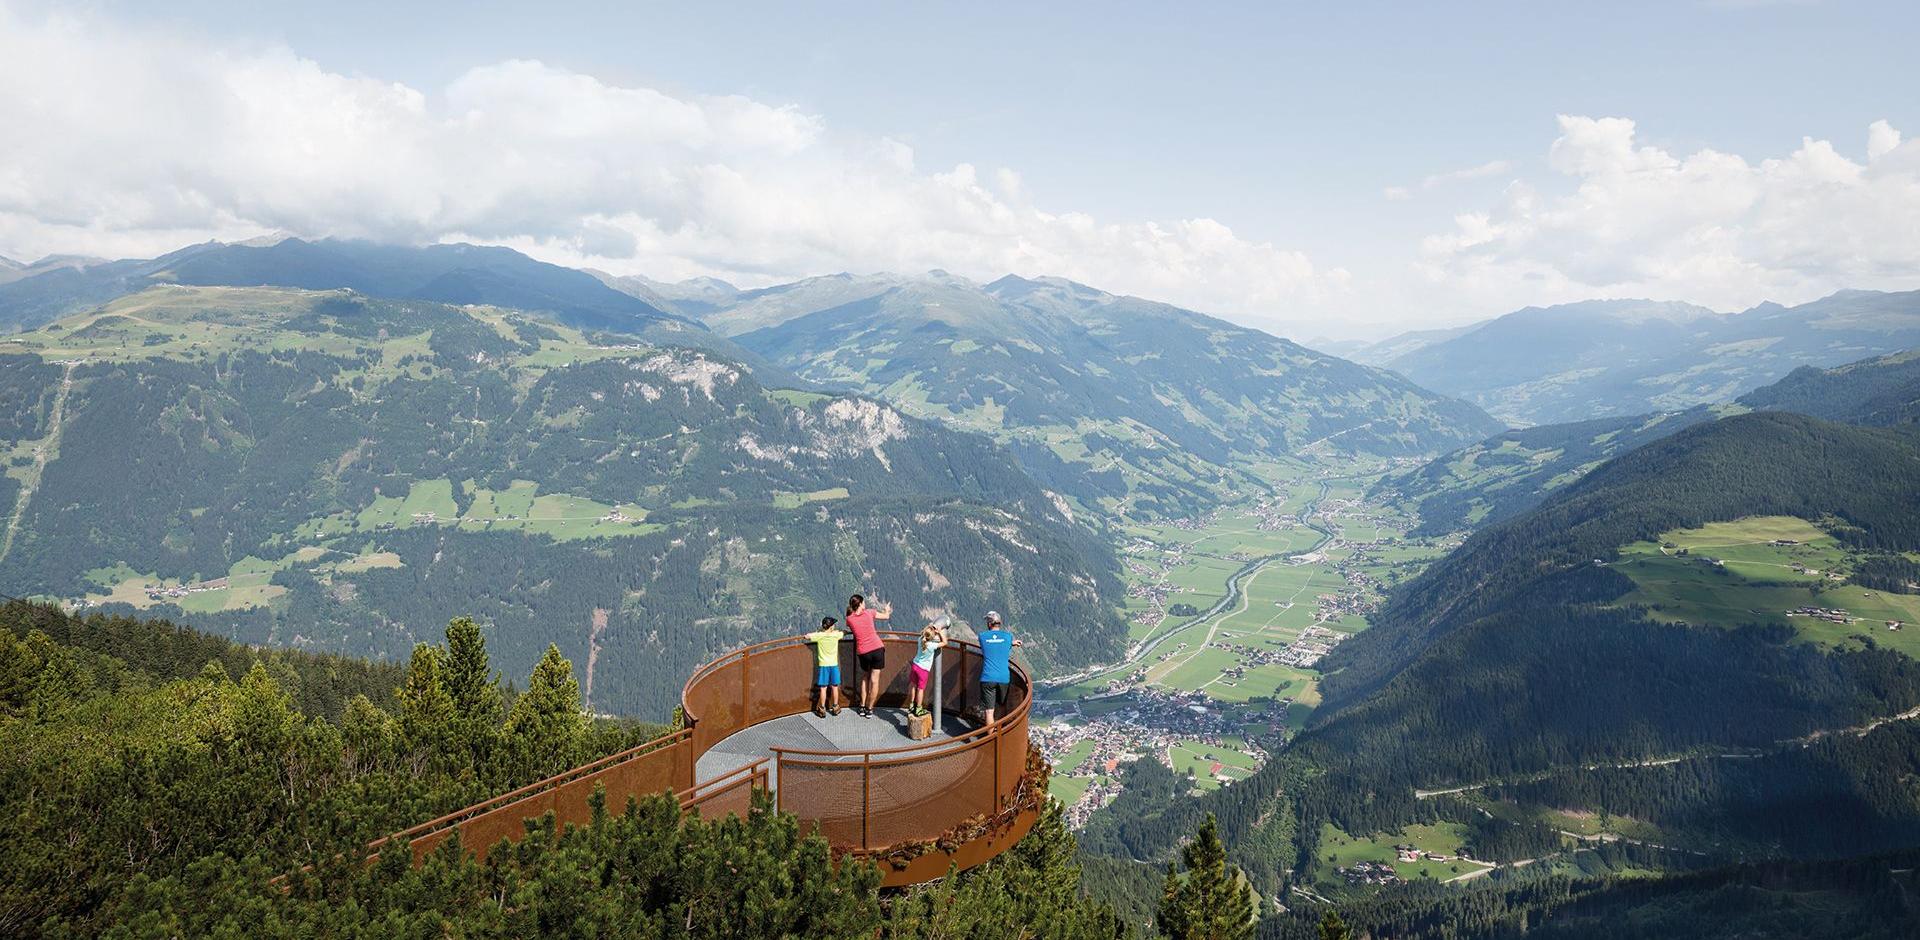 Aussichtsplattorm am Ahorn Mayrhofen mit Blick über das Zillertal